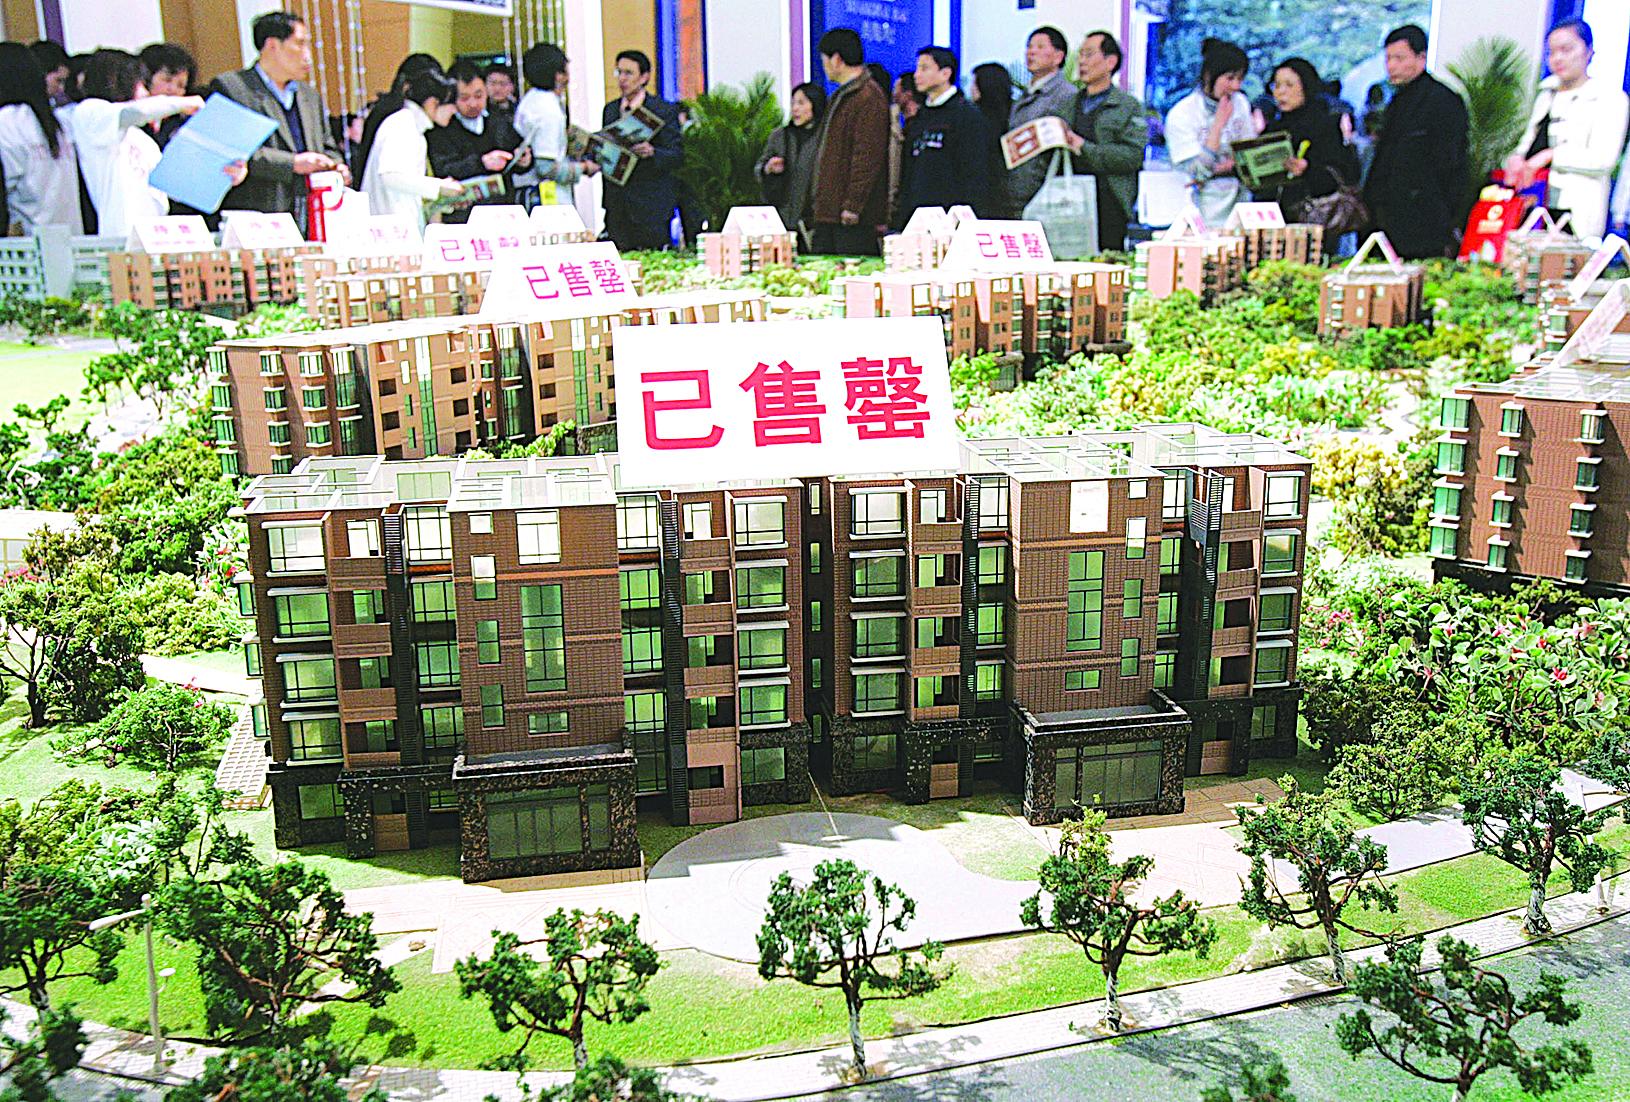 上海市某房地產公司的購樓者。(Getty Images)